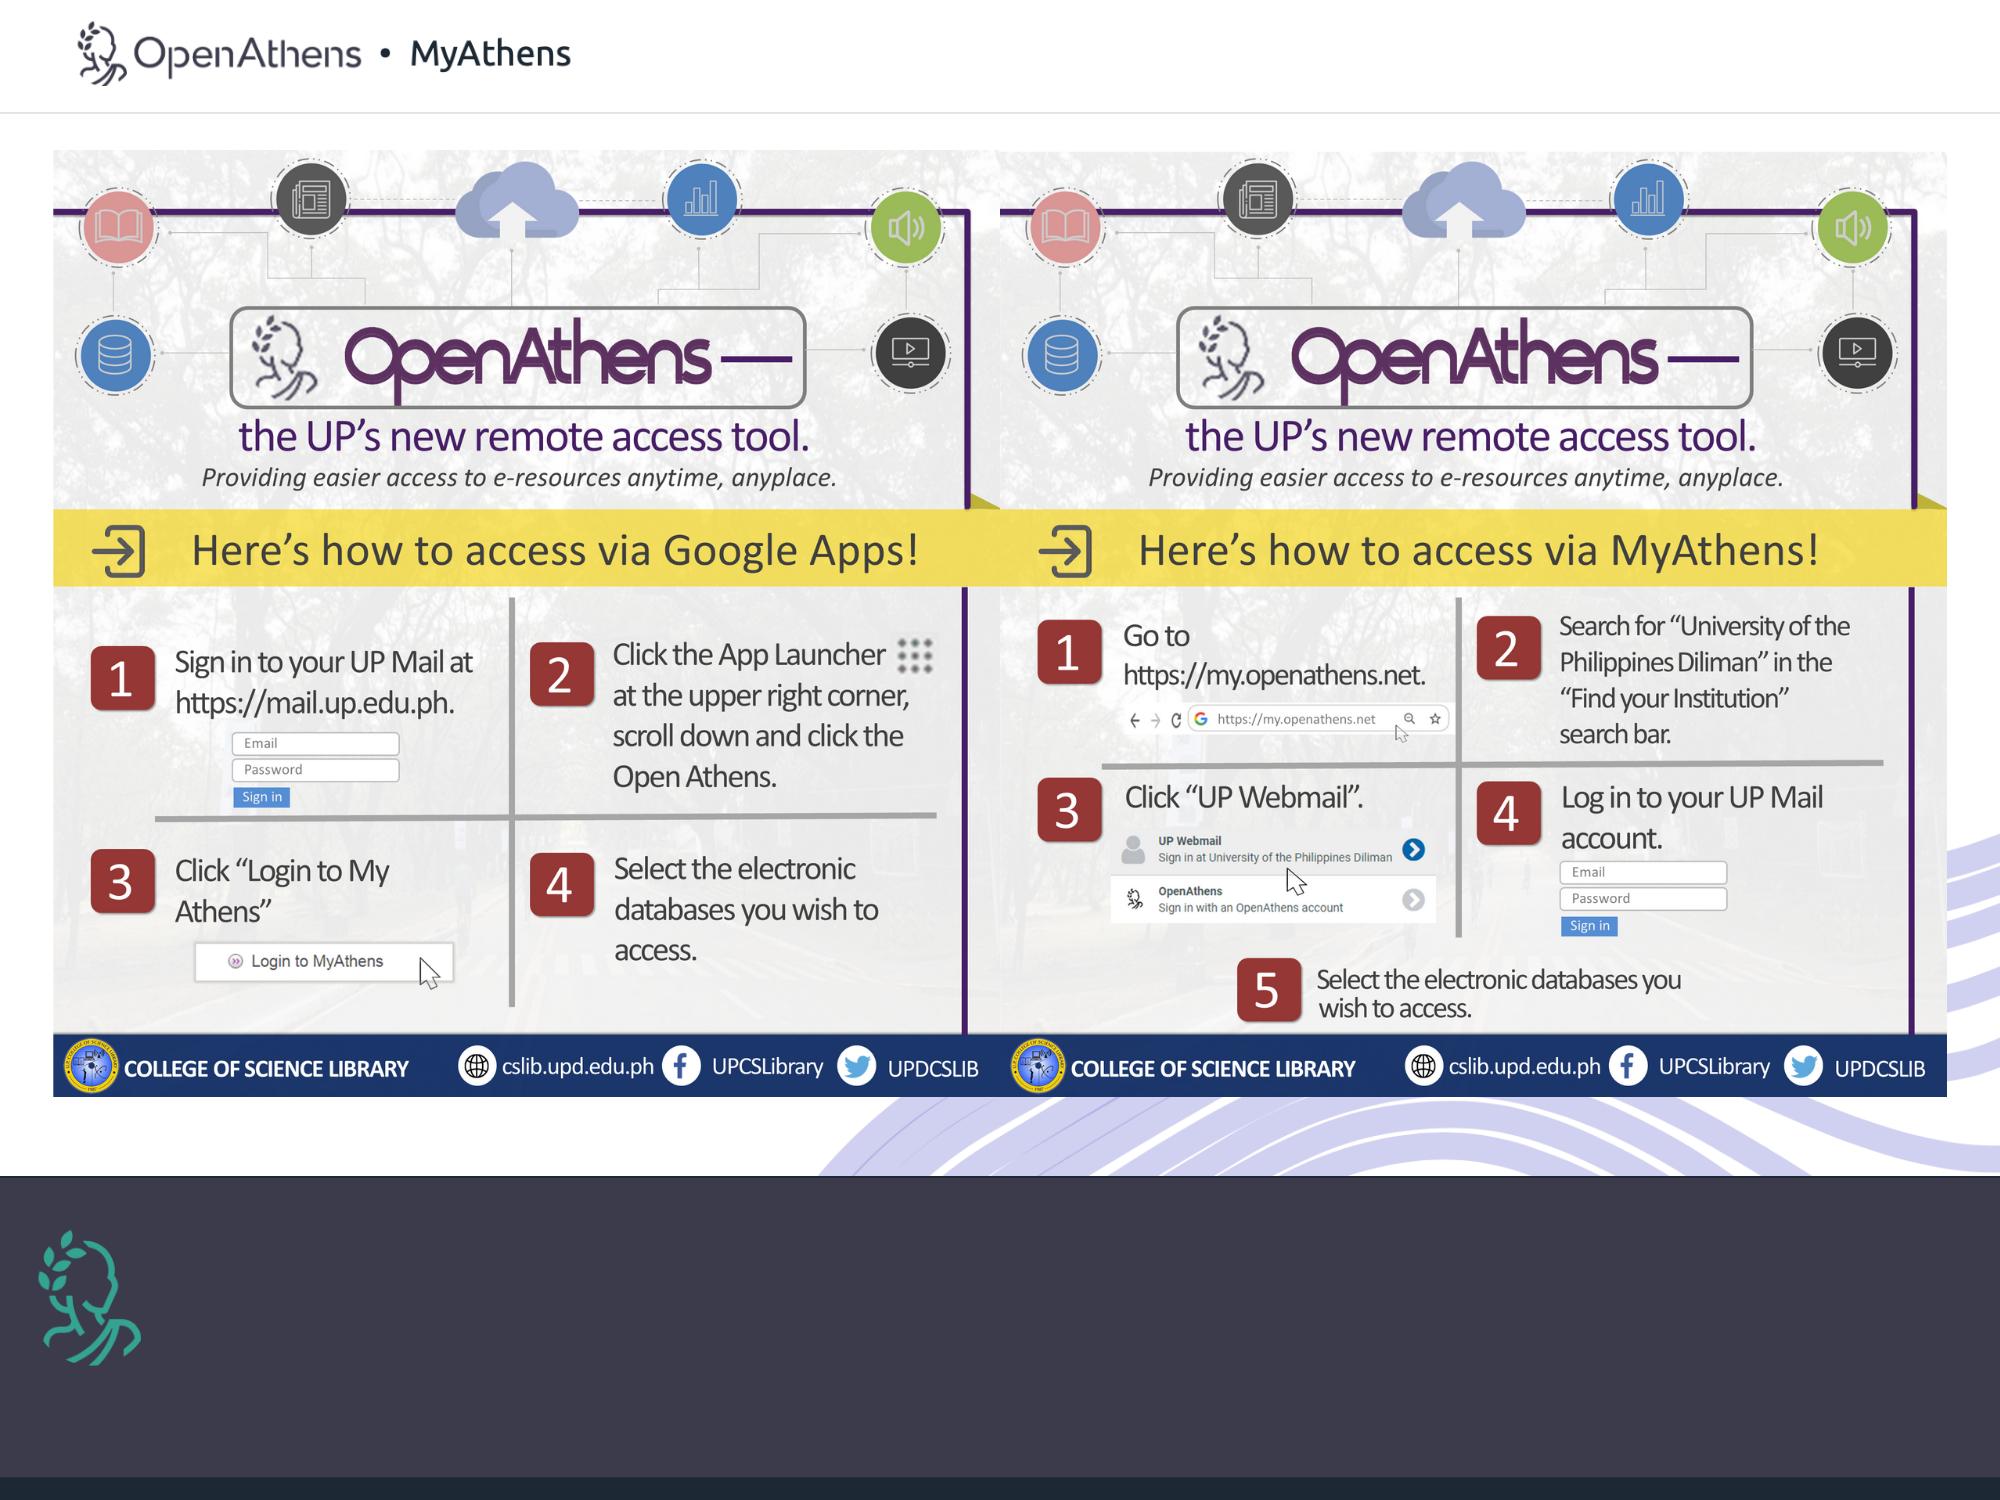 OpenAthens